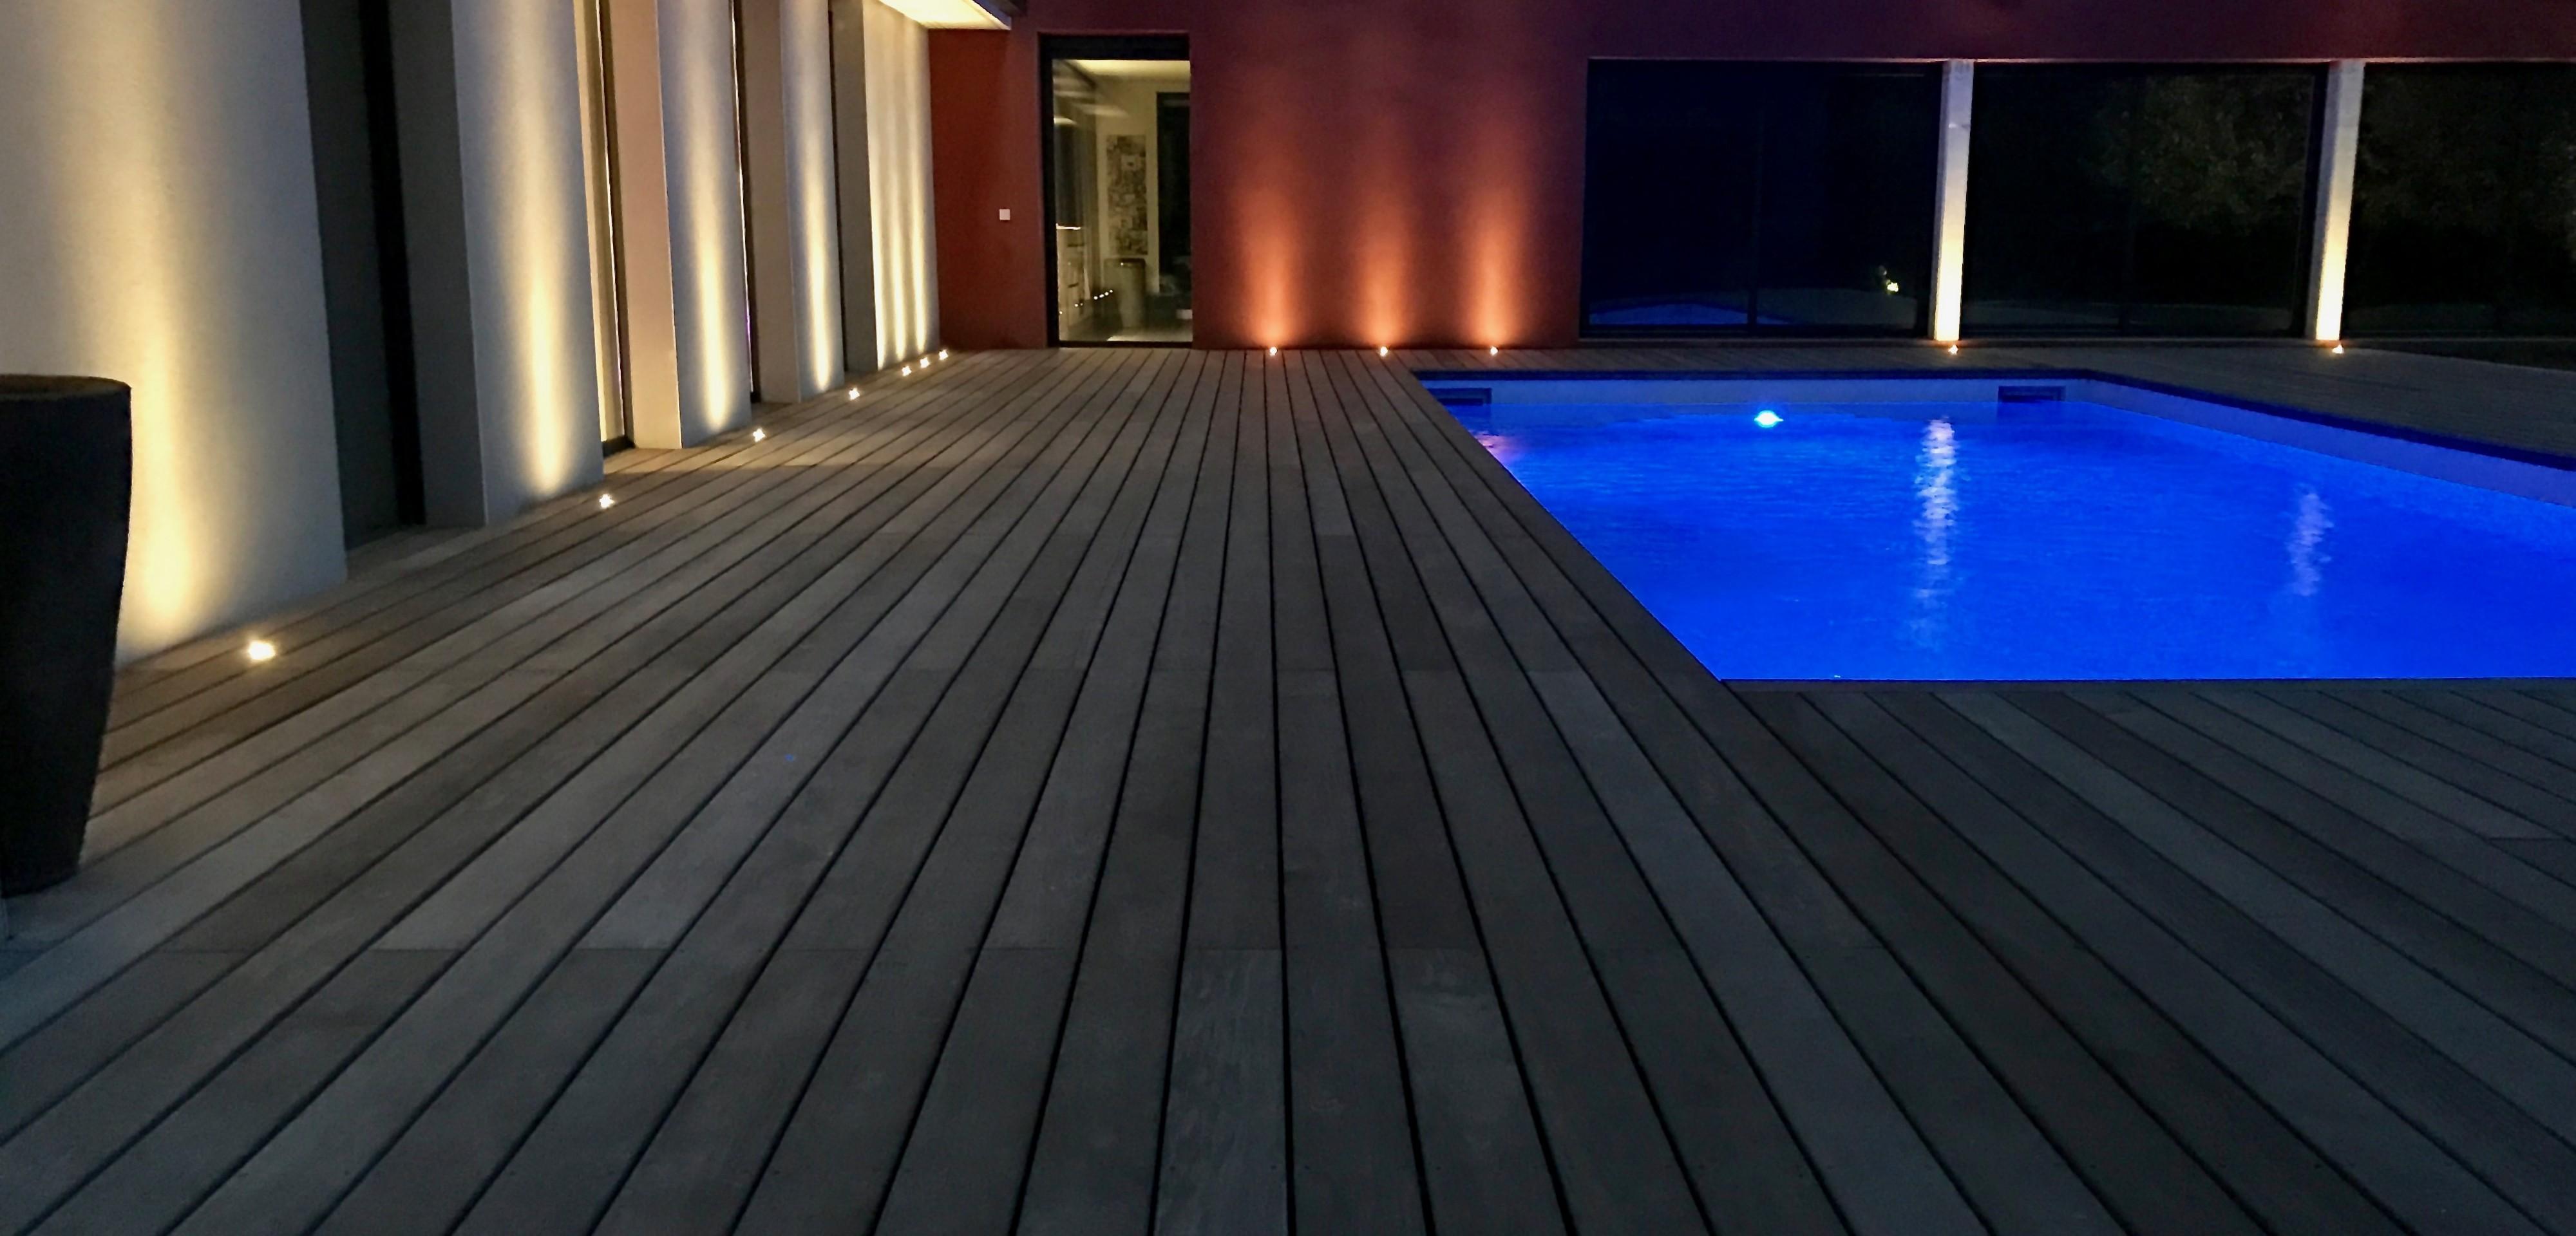 Conception de terrasse en bois aix en provence teck - Mobilier jardin teck entretien aixen provence ...